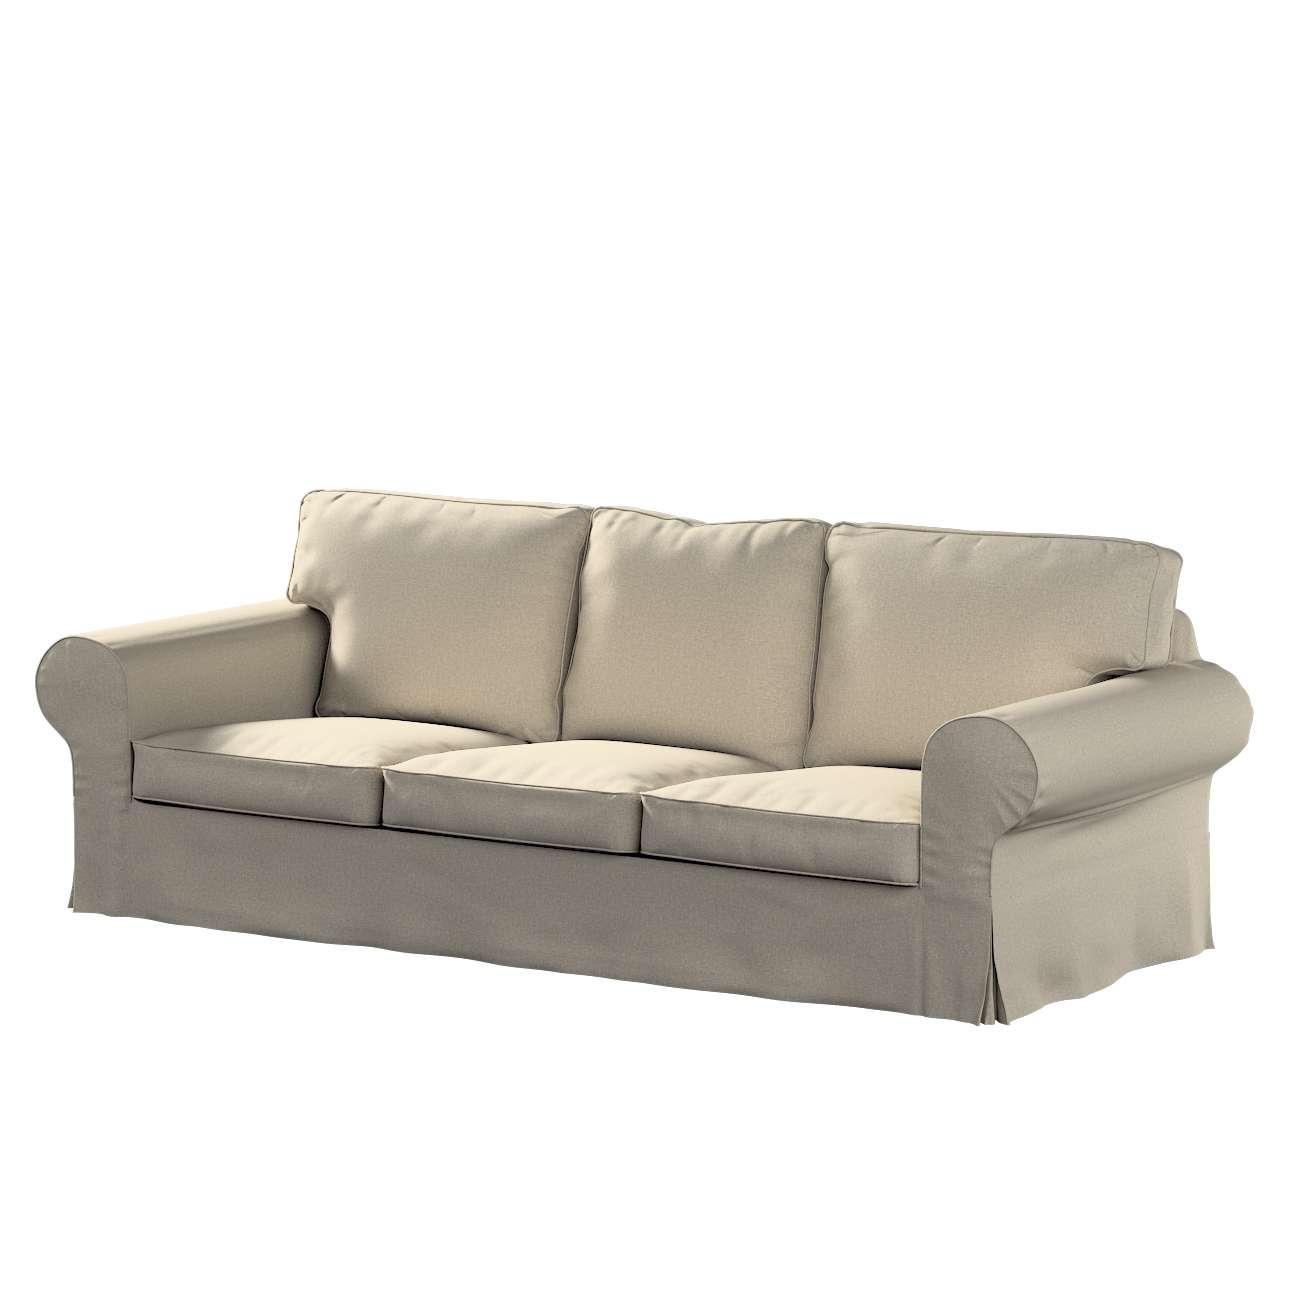 Pokrowiec na sofę Ektorp 3-osobową, rozkładaną, PIXBO w kolekcji Amsterdam, tkanina: 704-52